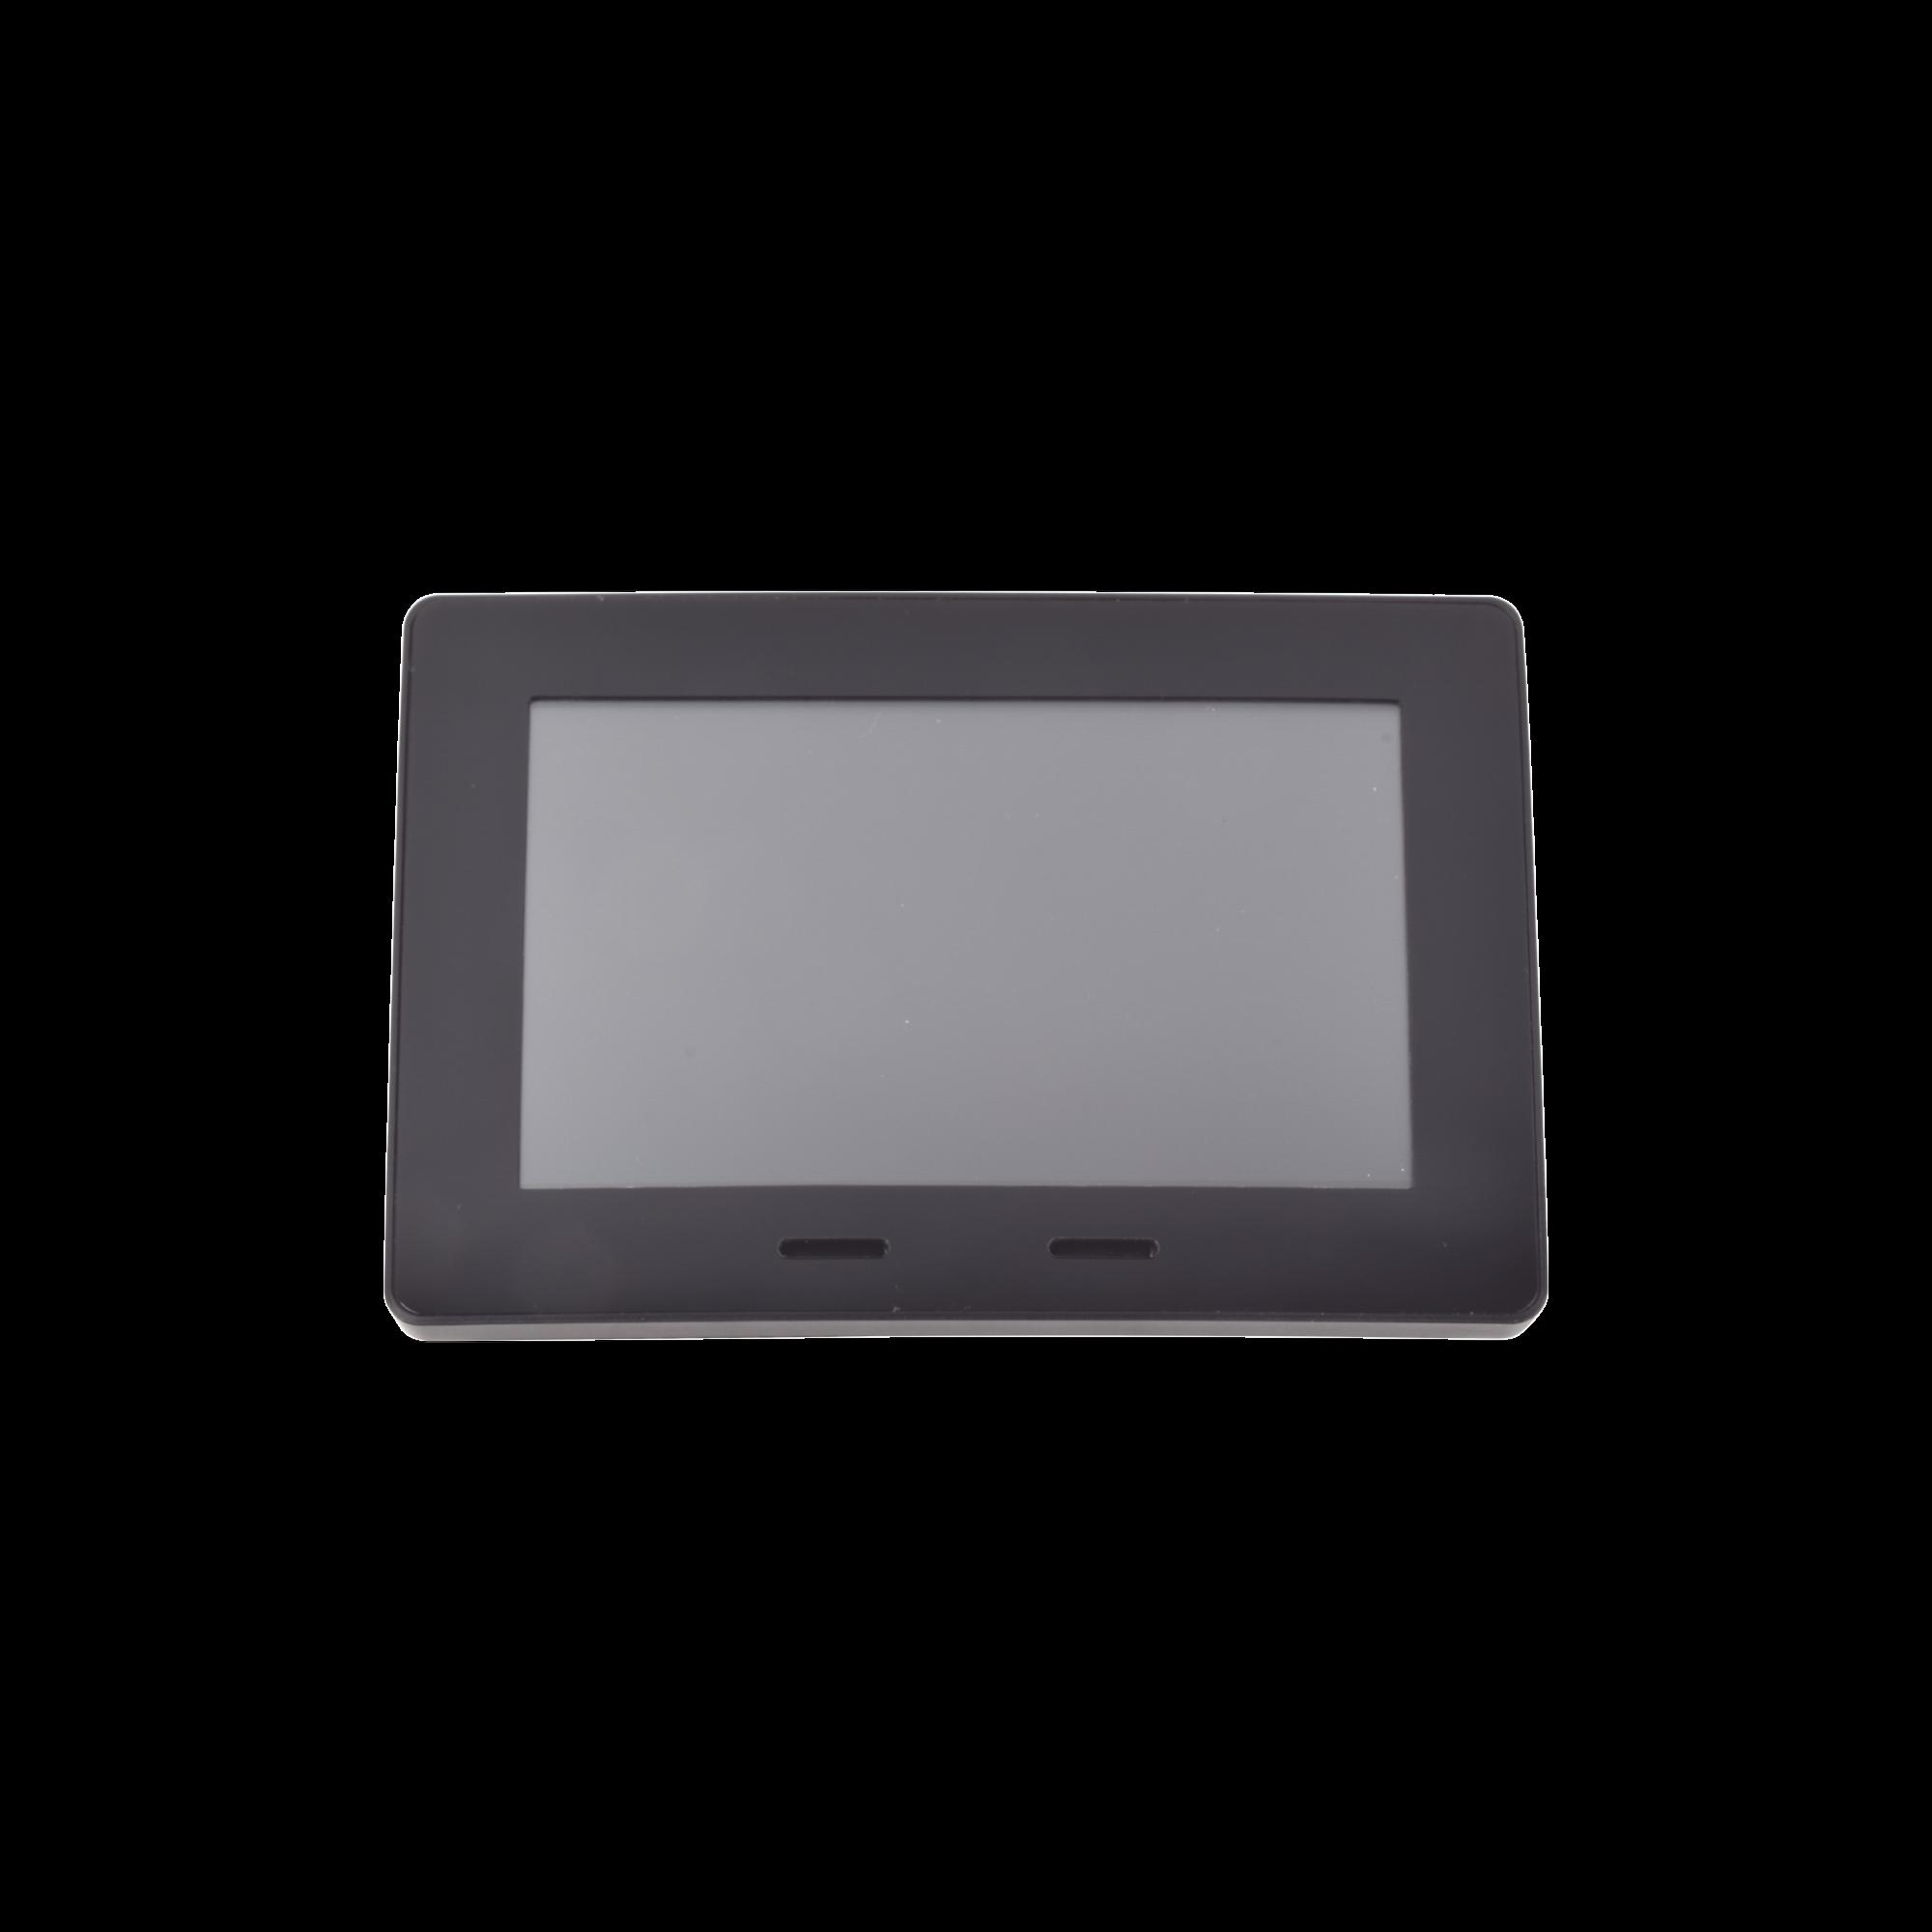 Teclado Touch compatible con paneles Runner color Negro